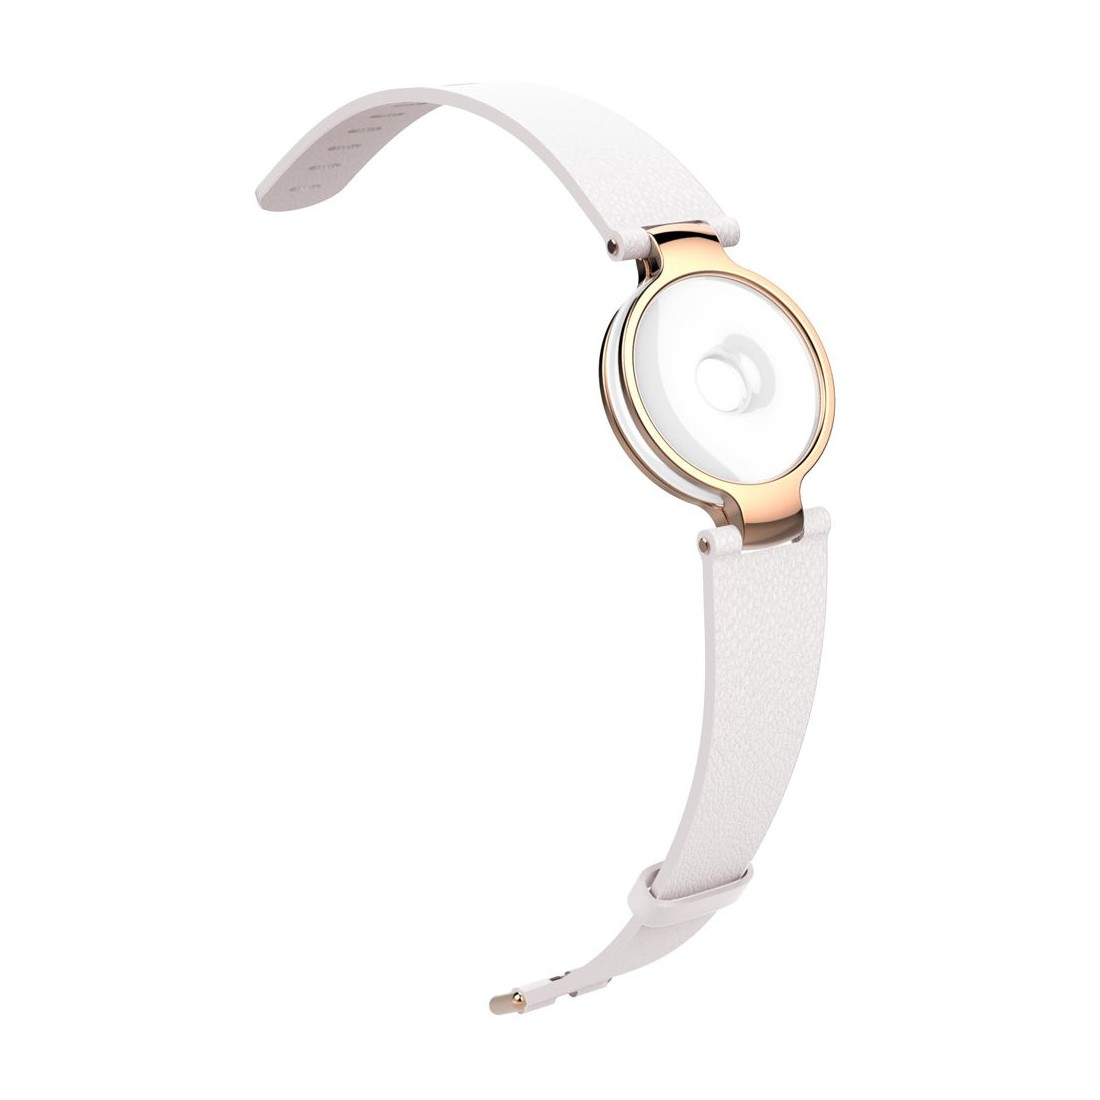 xiaomi amazfit equator smart bracelet xiaomi amazfit equator smart bracelet Xiaomi Amazfit Equator Smart Bracelet Xiaomi Amazfit Equator Smart Bracelet